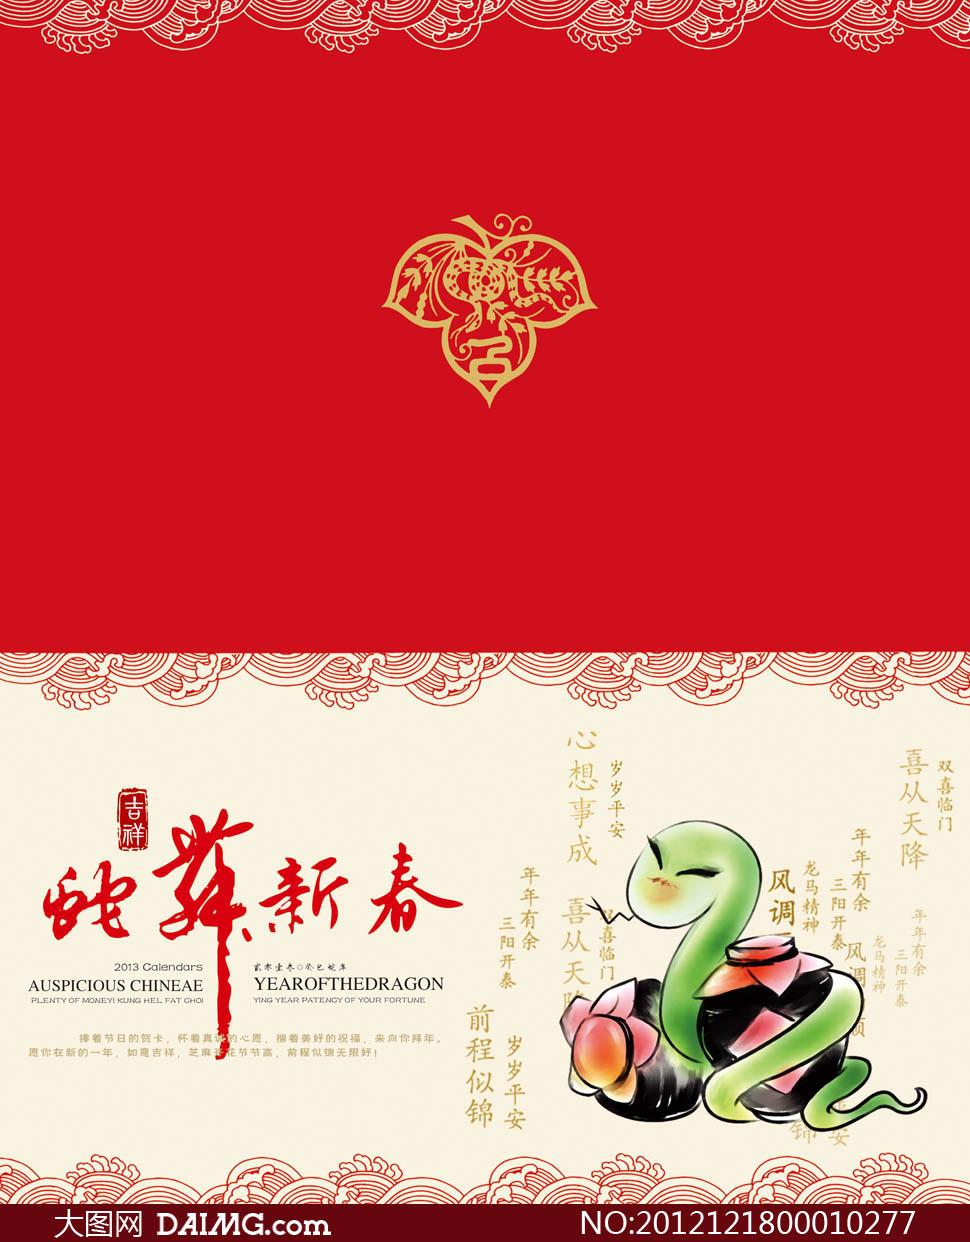 2013卡通蛇新年贺卡psd源文件